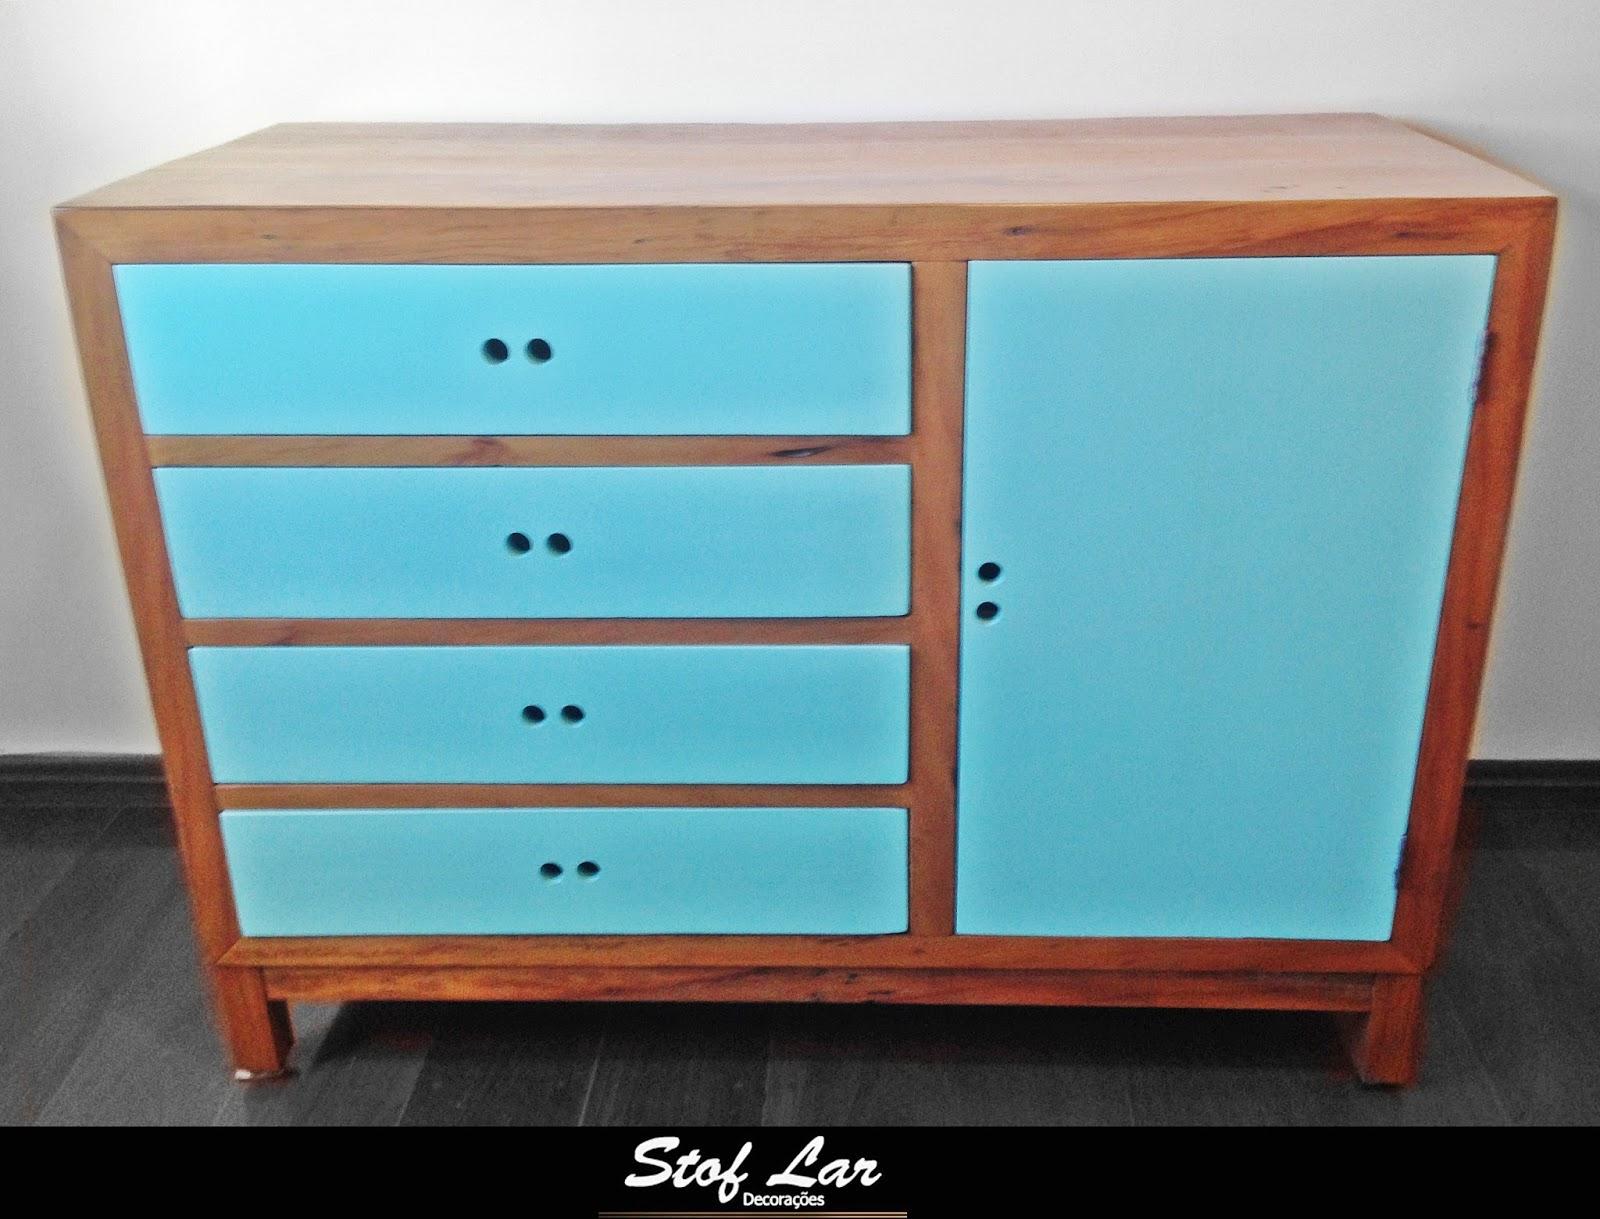 Stof lar decora es m veis em madeira de demoli o comoda reta com porta e gavetas pintadas - Comodas pintadas ...